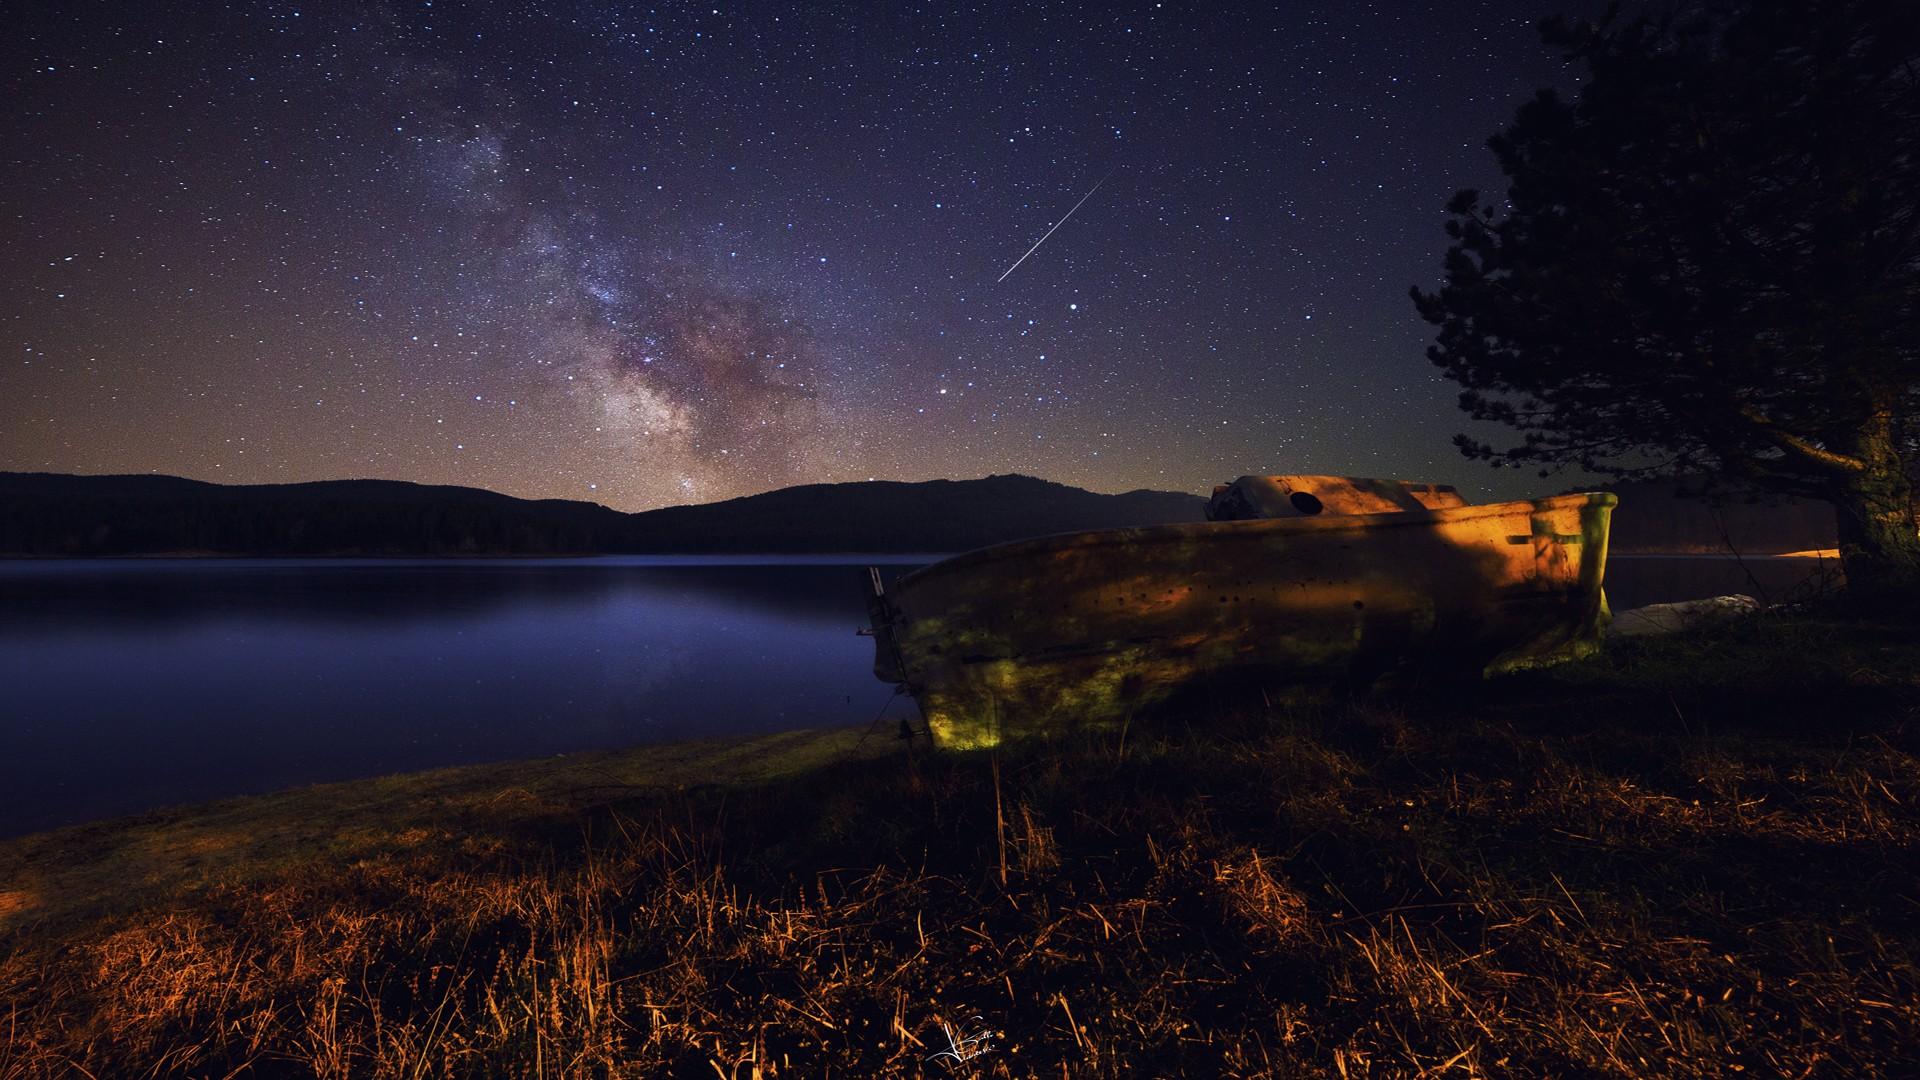 Скачать картинки горы ночь на рабочий стол бесплатно.